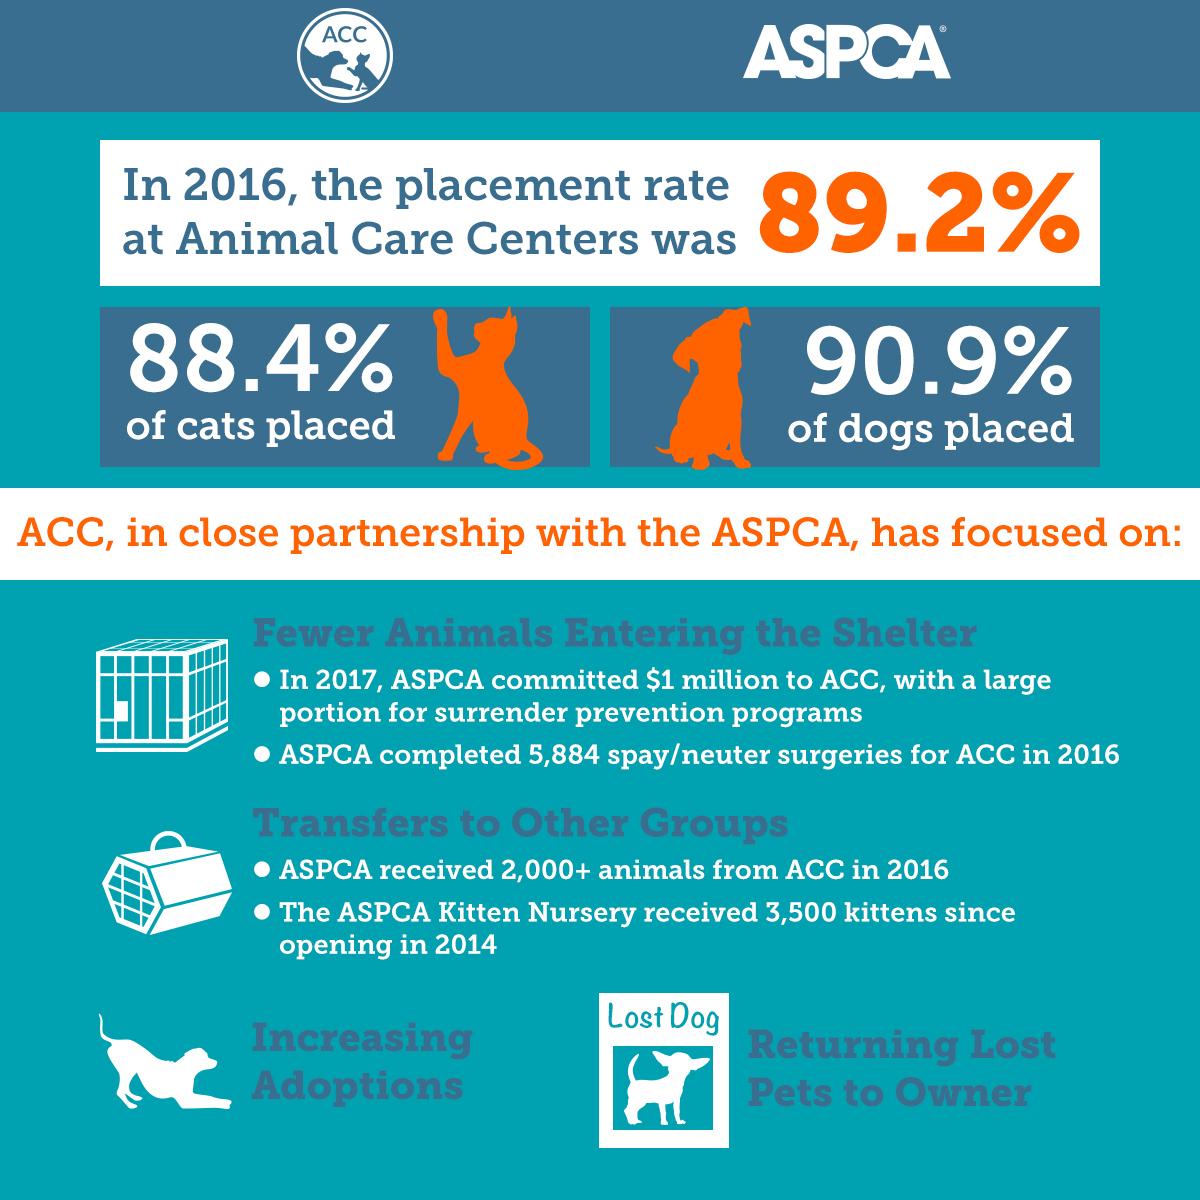 ACC Infographic